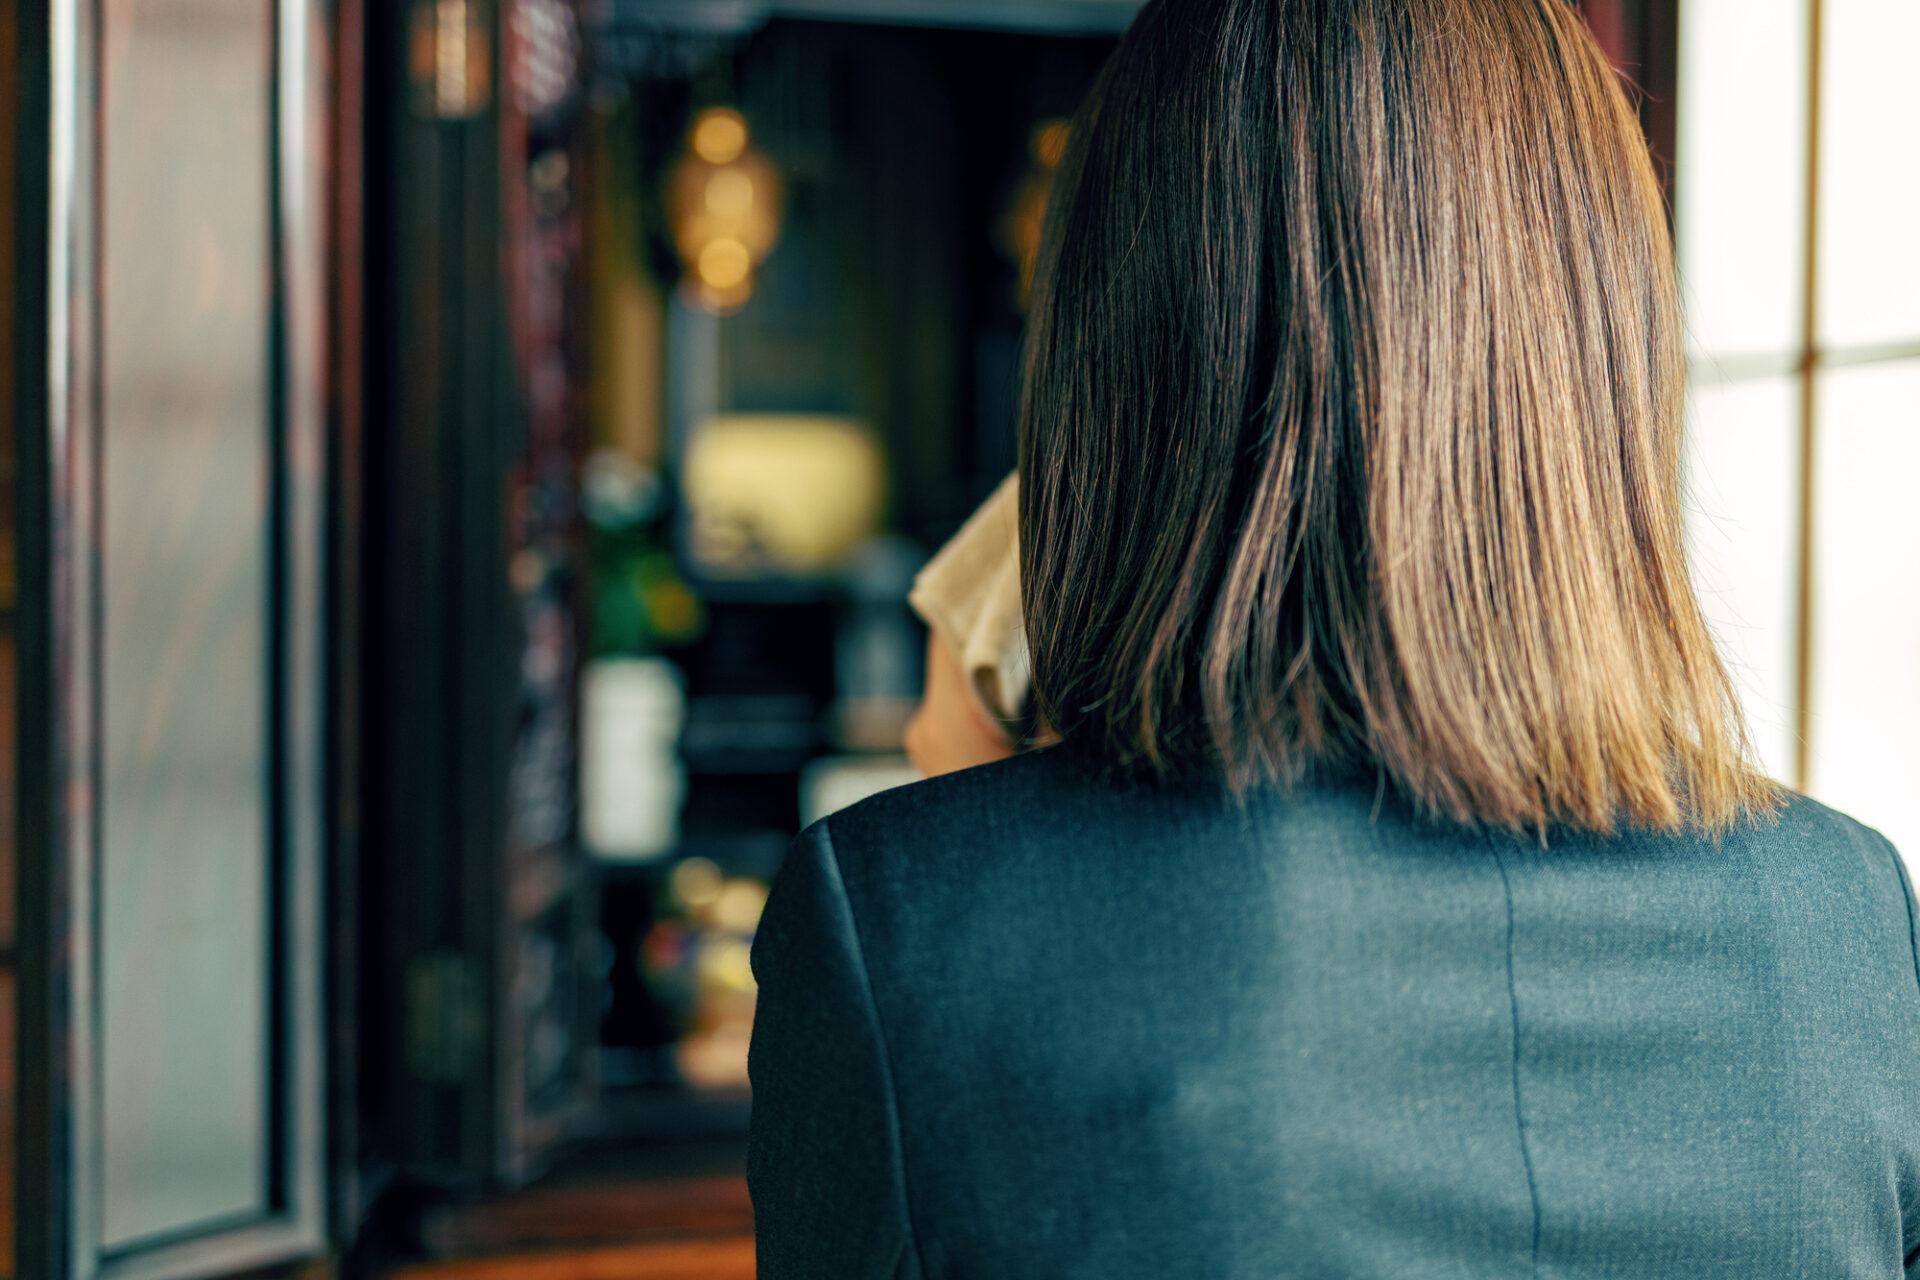 スーツを着た女性が仏壇の前で手を合わせる